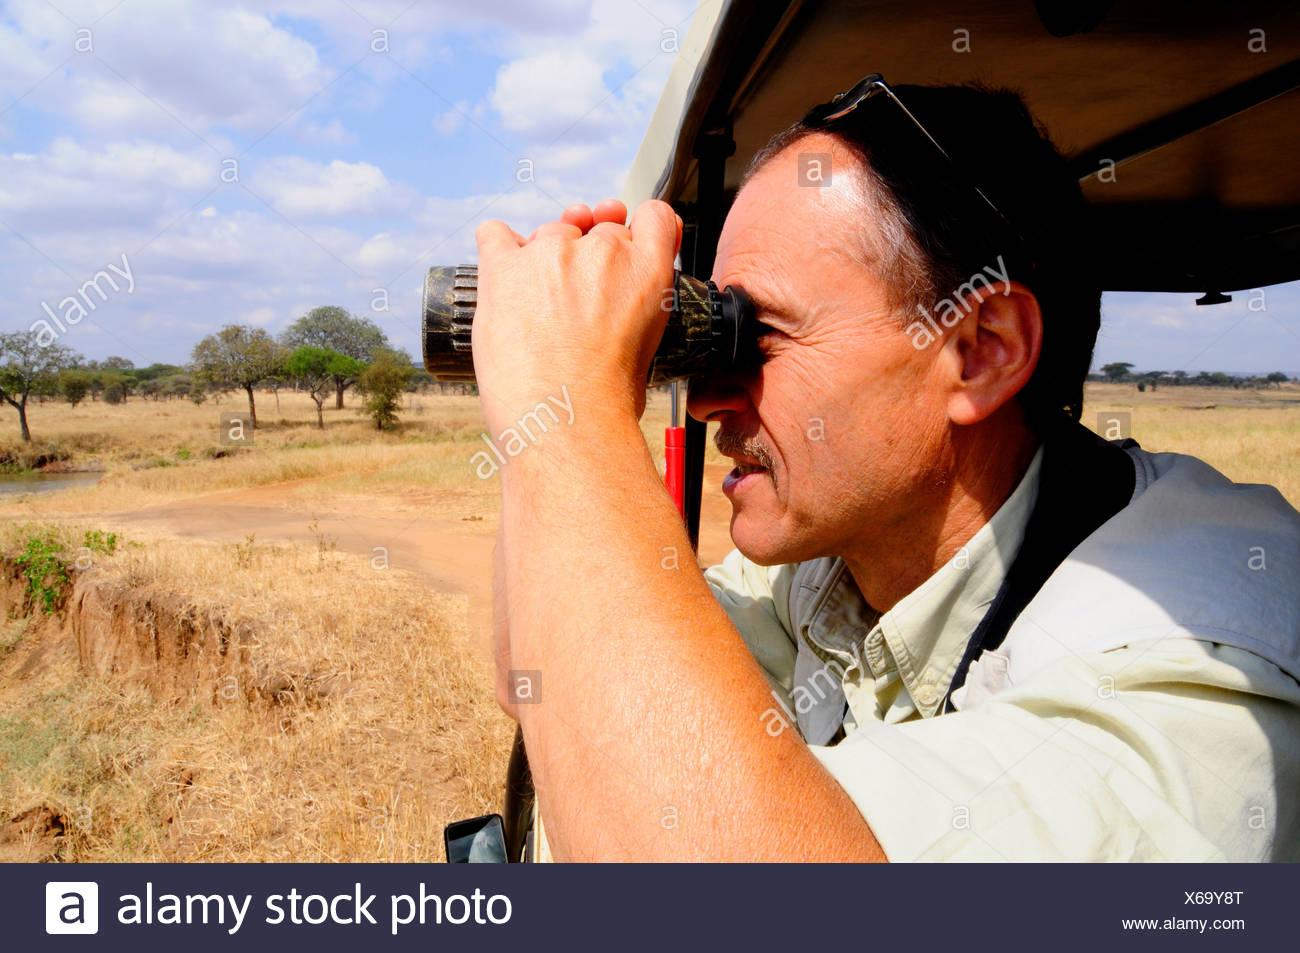 Tourists observing animals, Tarangire-National Park, Tanzania, Africa - Stock Image